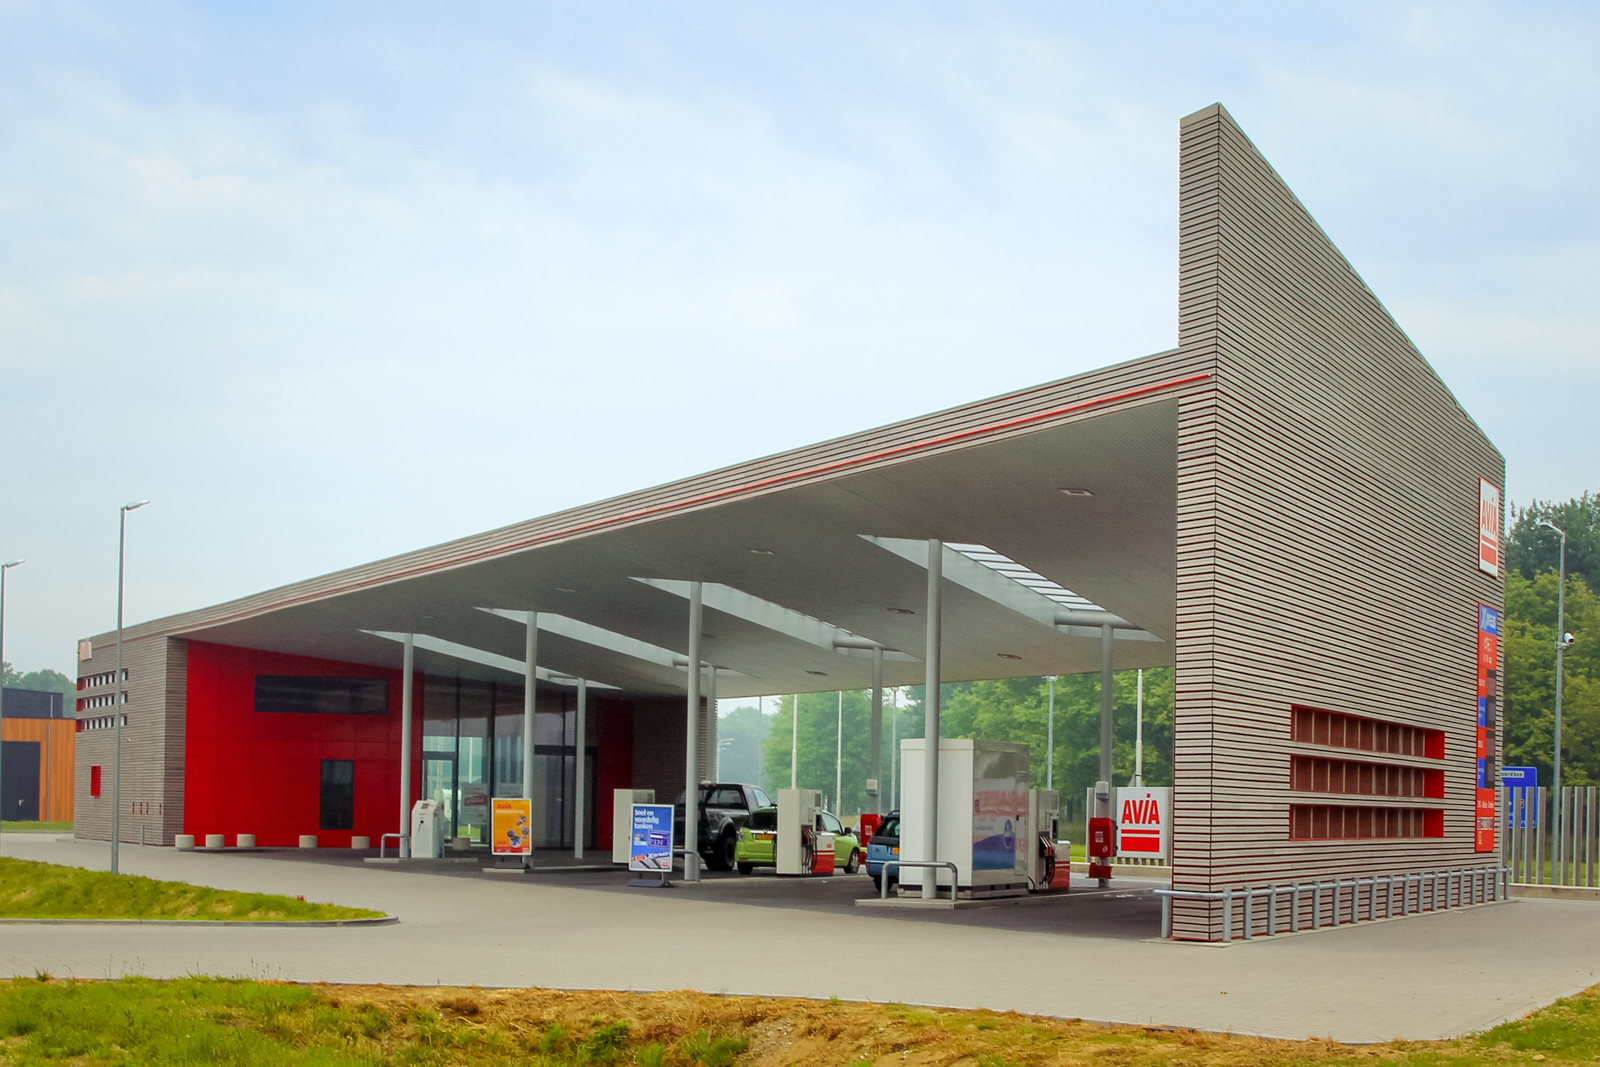 Avia filling station Den Oever